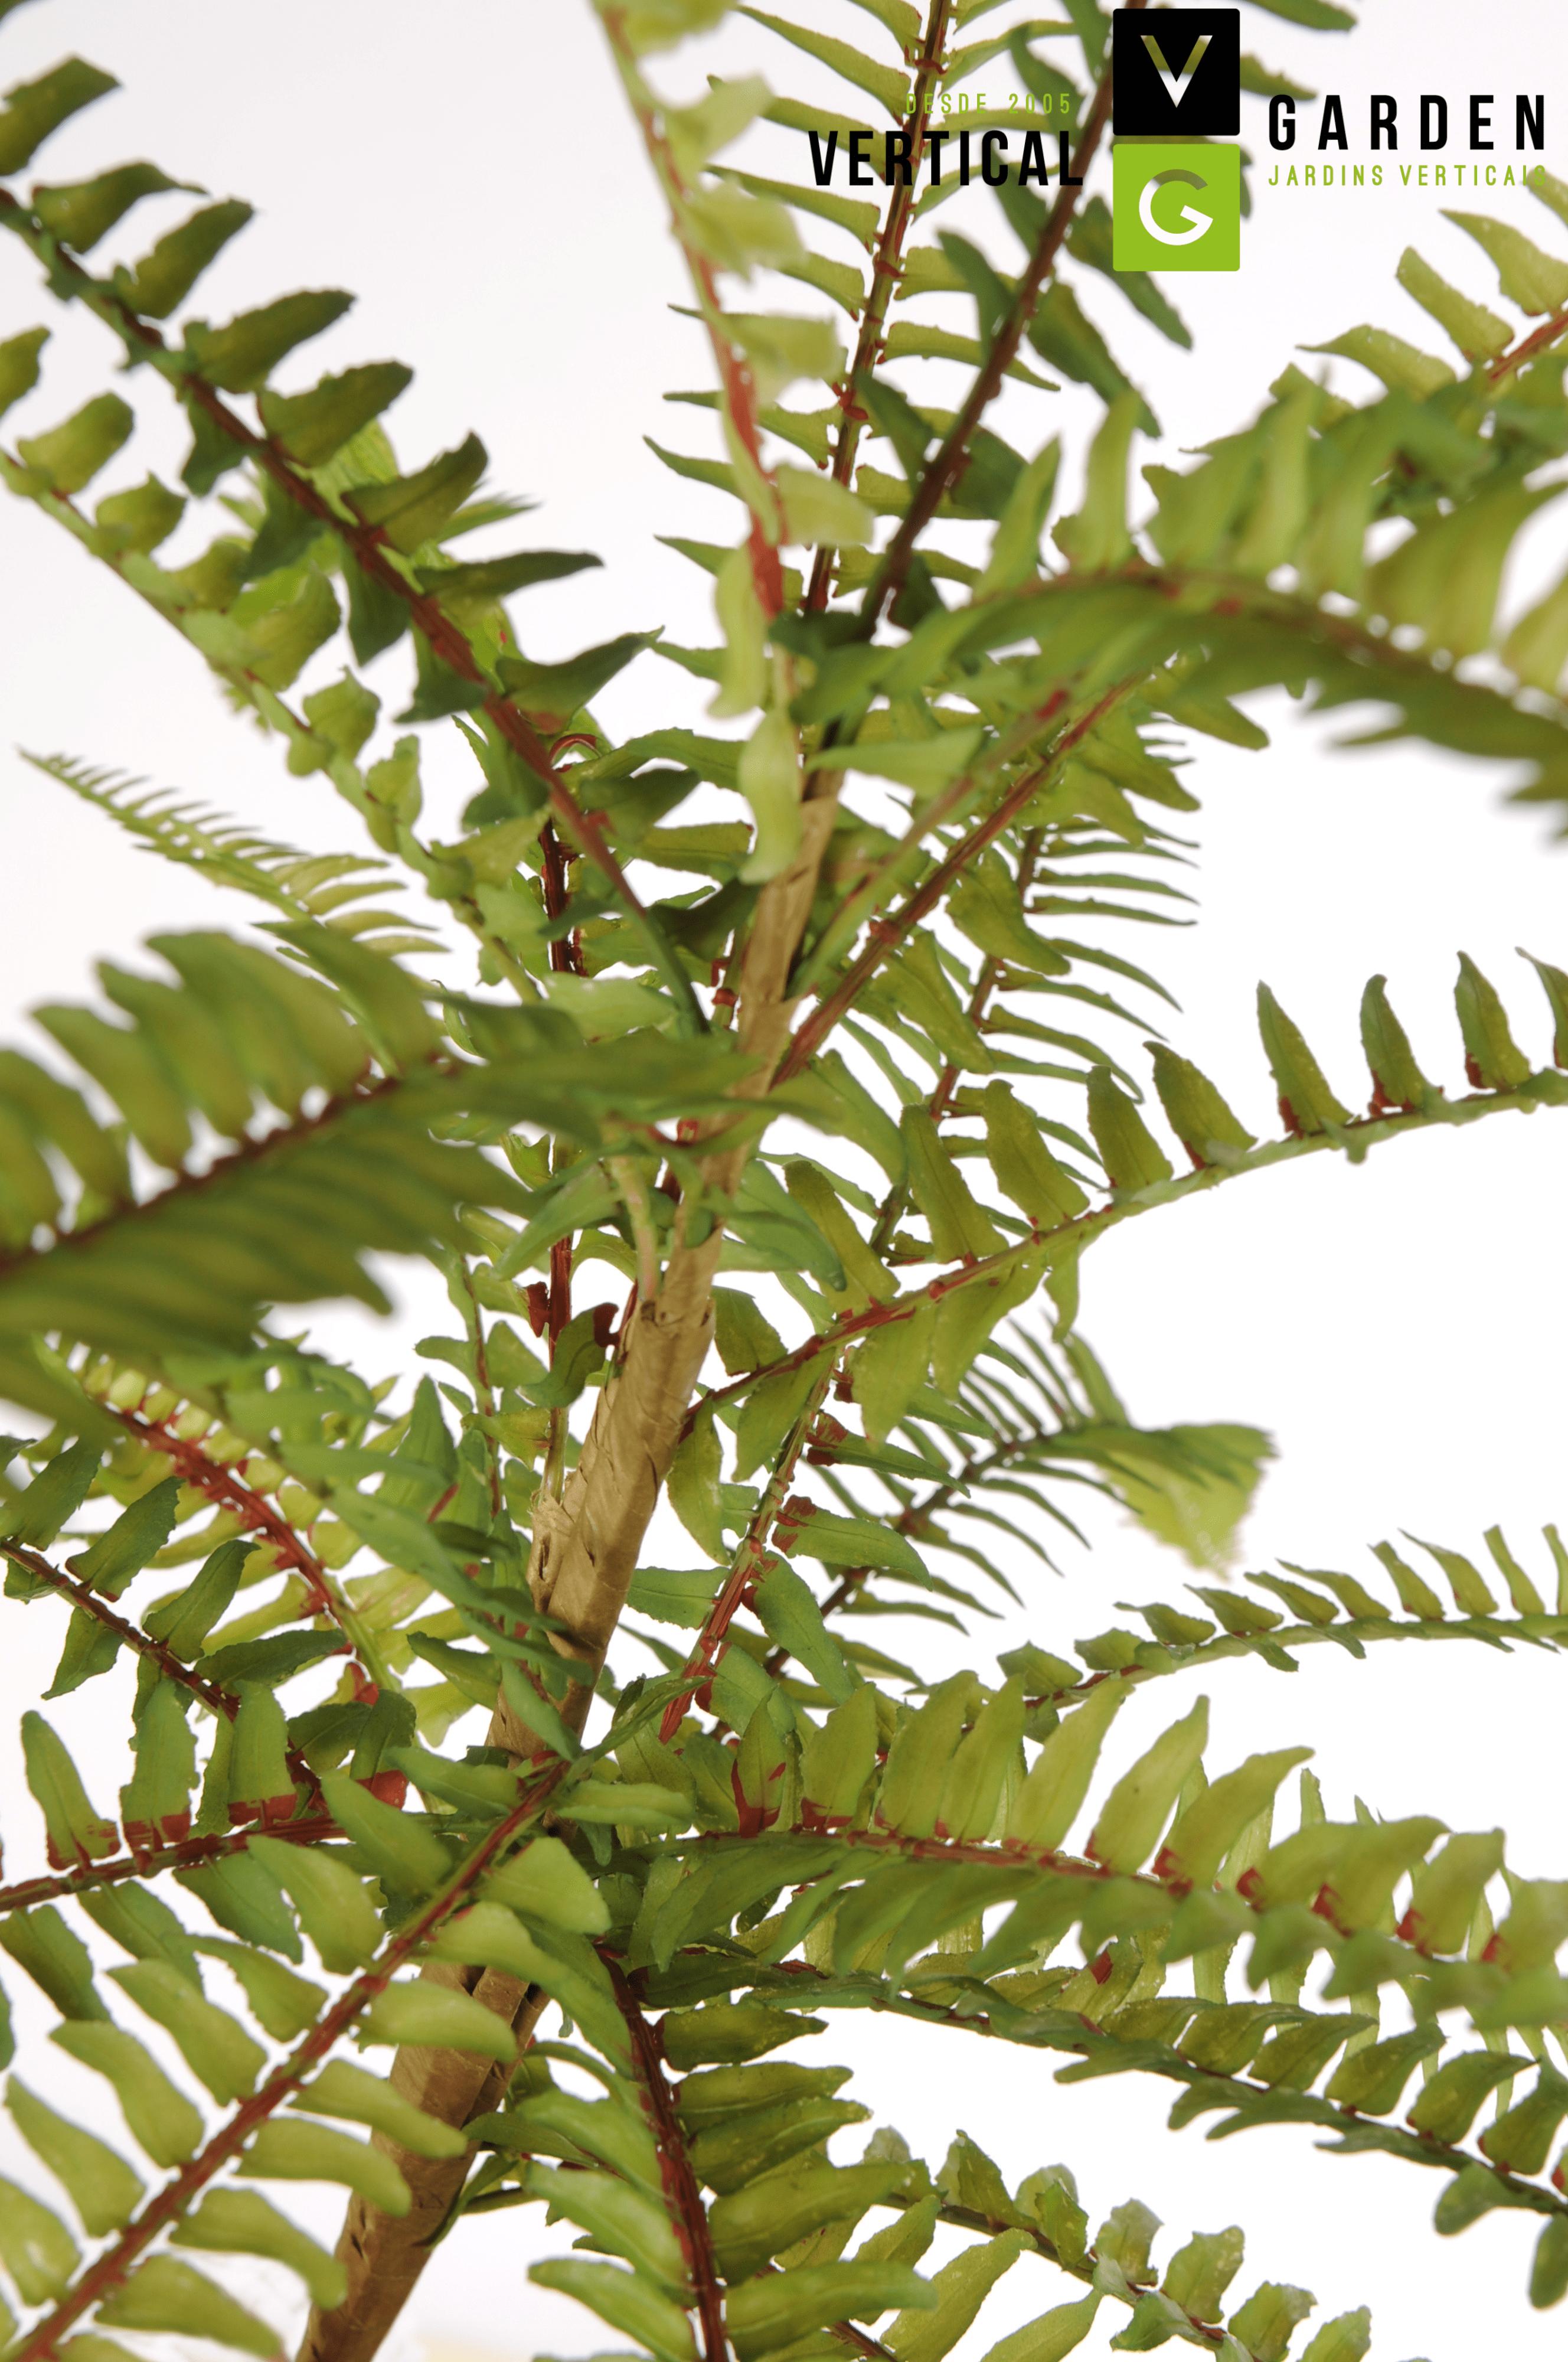 Planta Permanente Vertical Garden-min